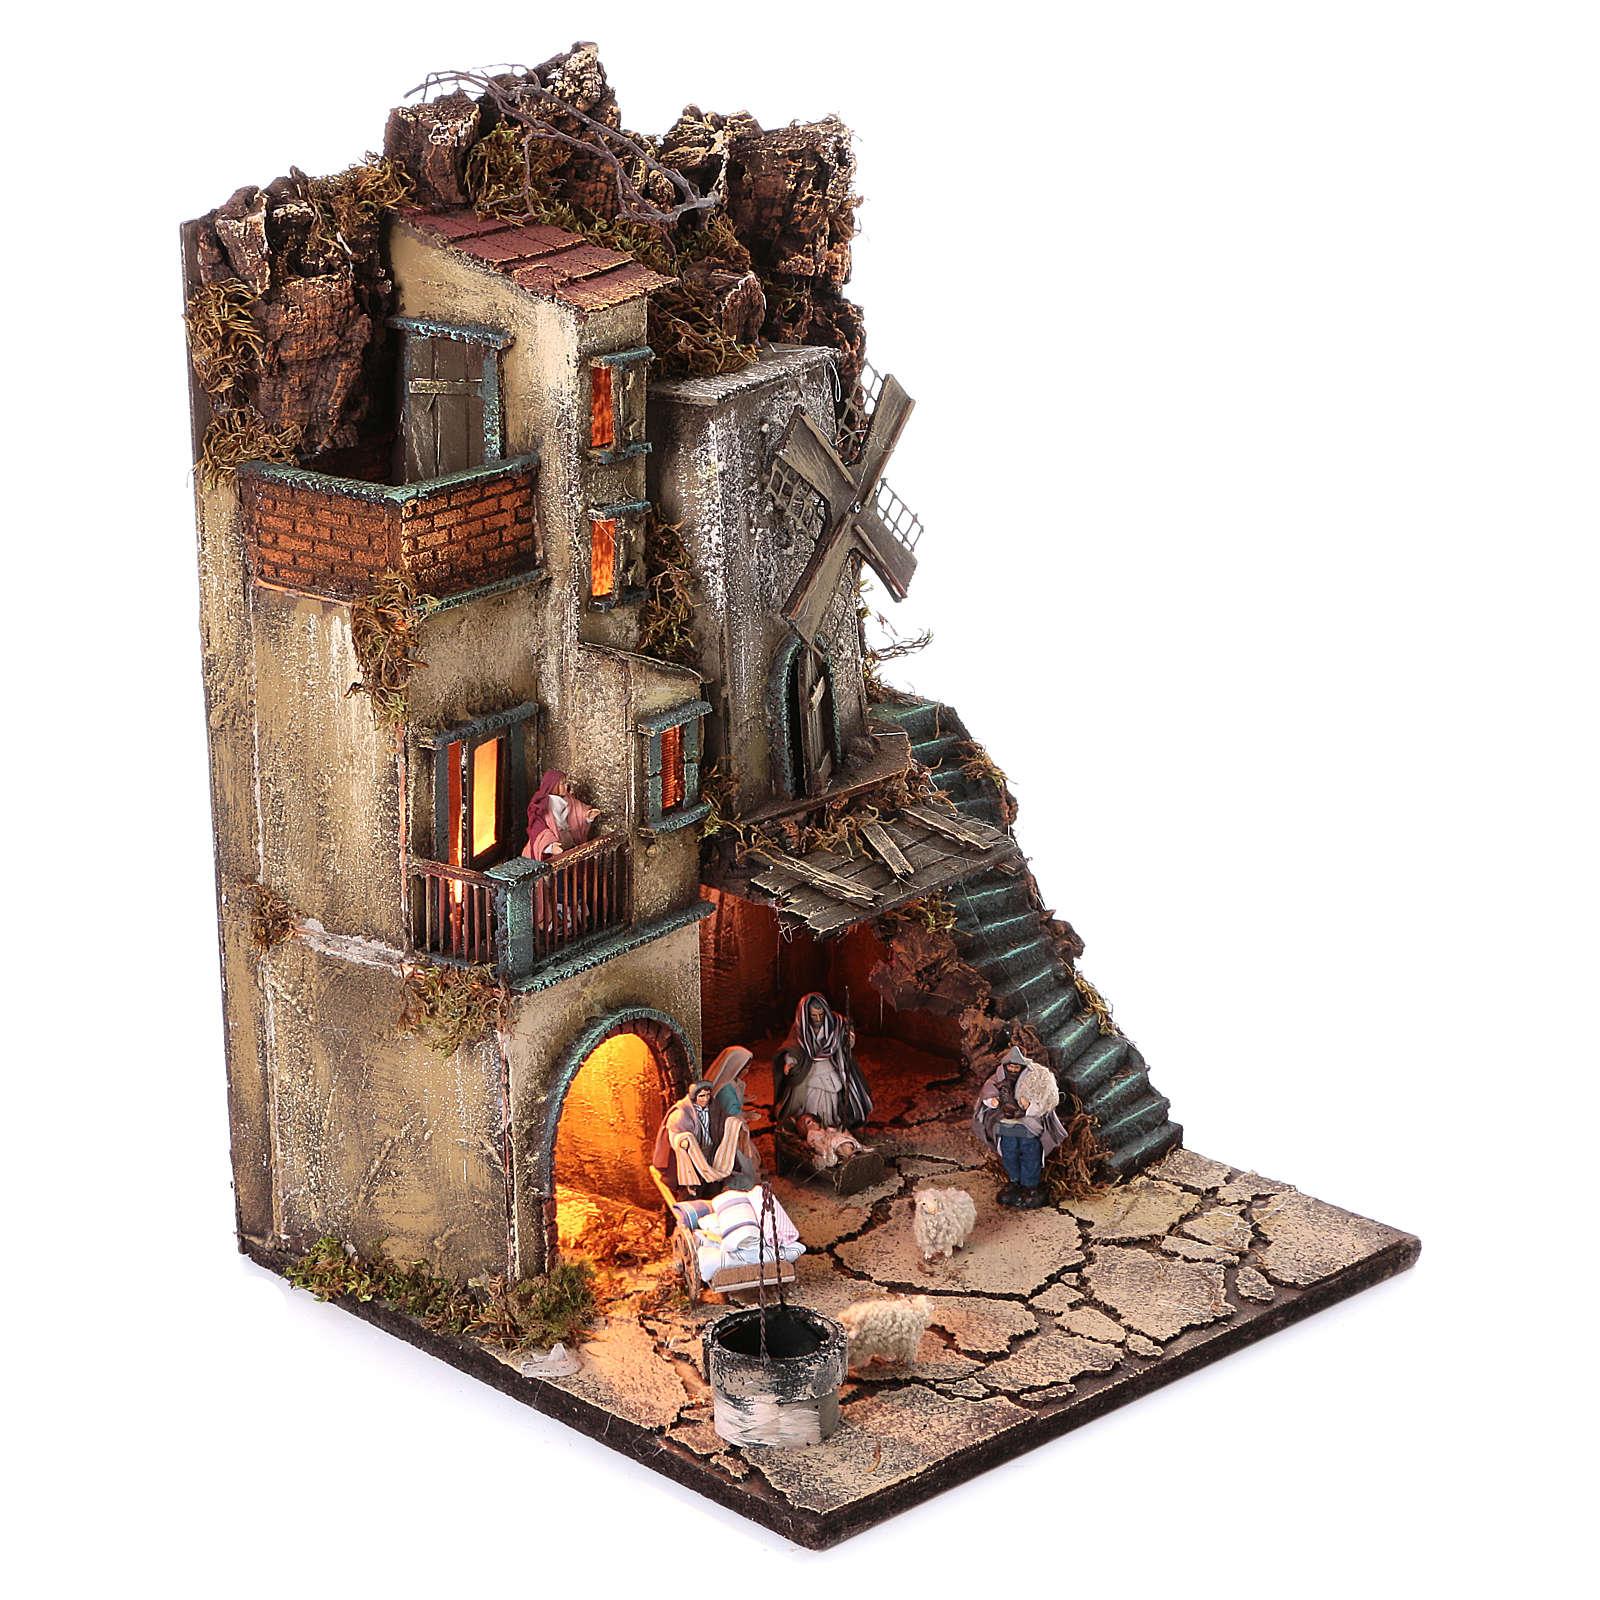 Bourgade avec Nativité puits et moulin à vent crèche napolitaine 8 cm 55x40x40 cm module 5 4